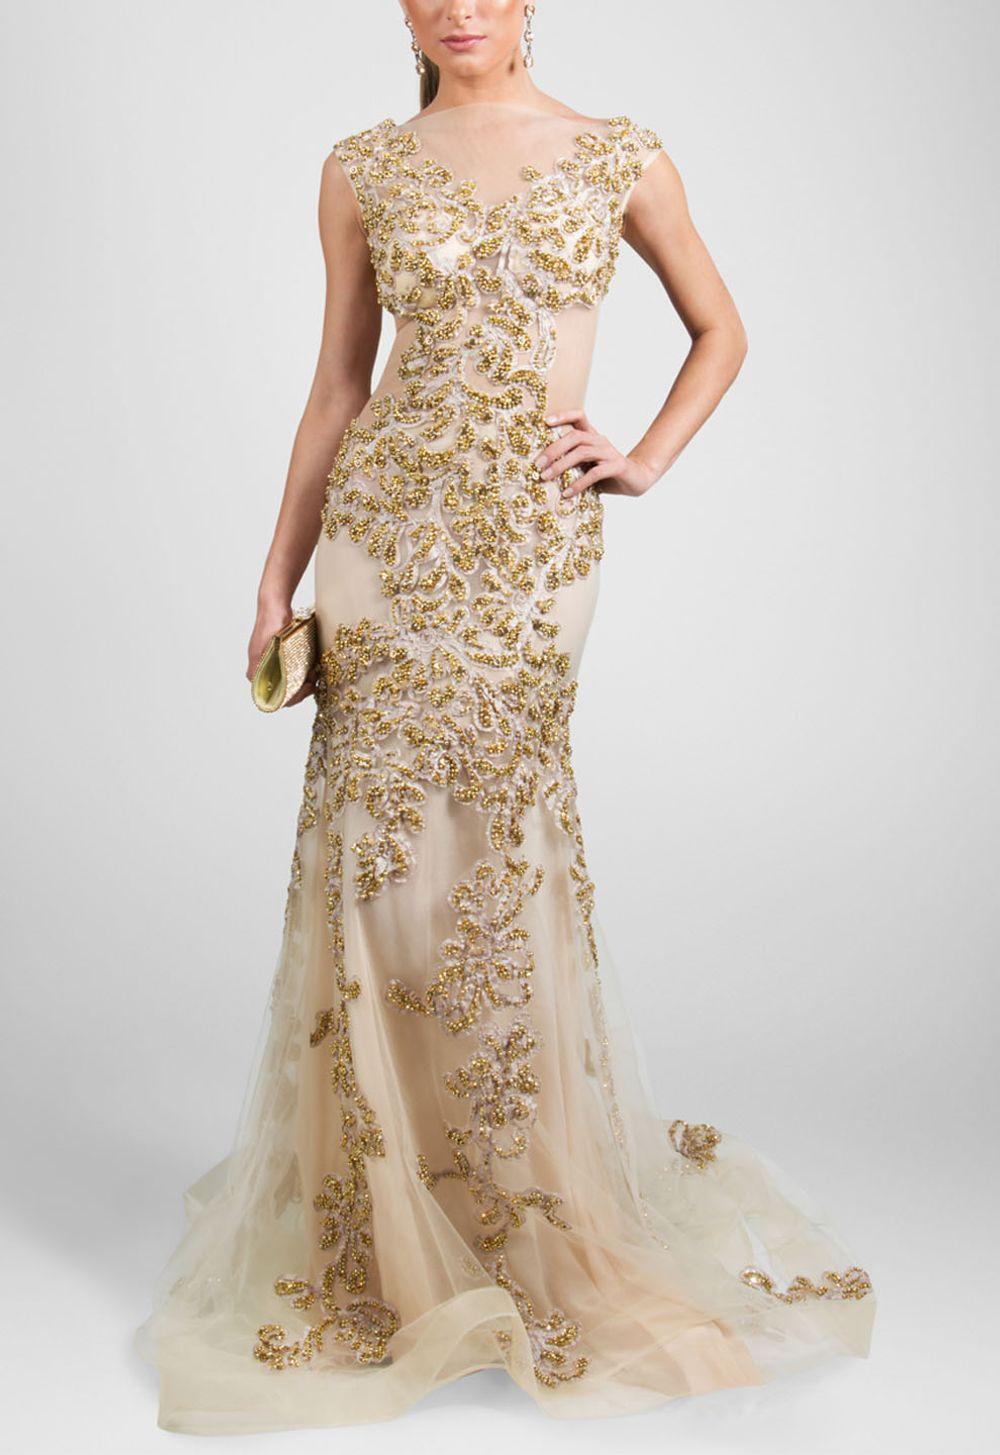 a835270c4 vestido-dream-longo-bordado-no-tule-com-cauda ...